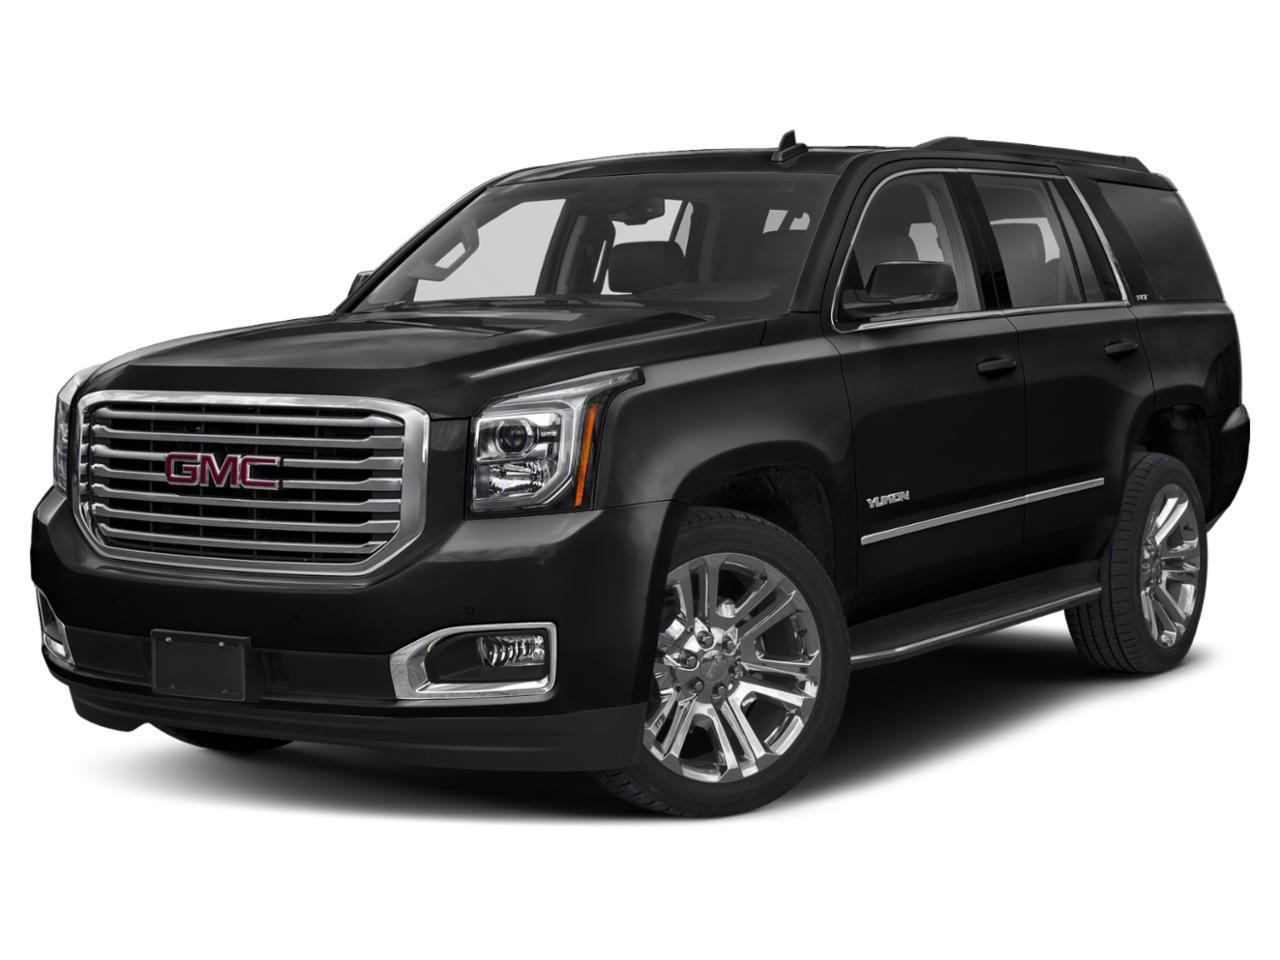 Onyx Black 2019 GMC Yukon SLT SUV Lexington NC